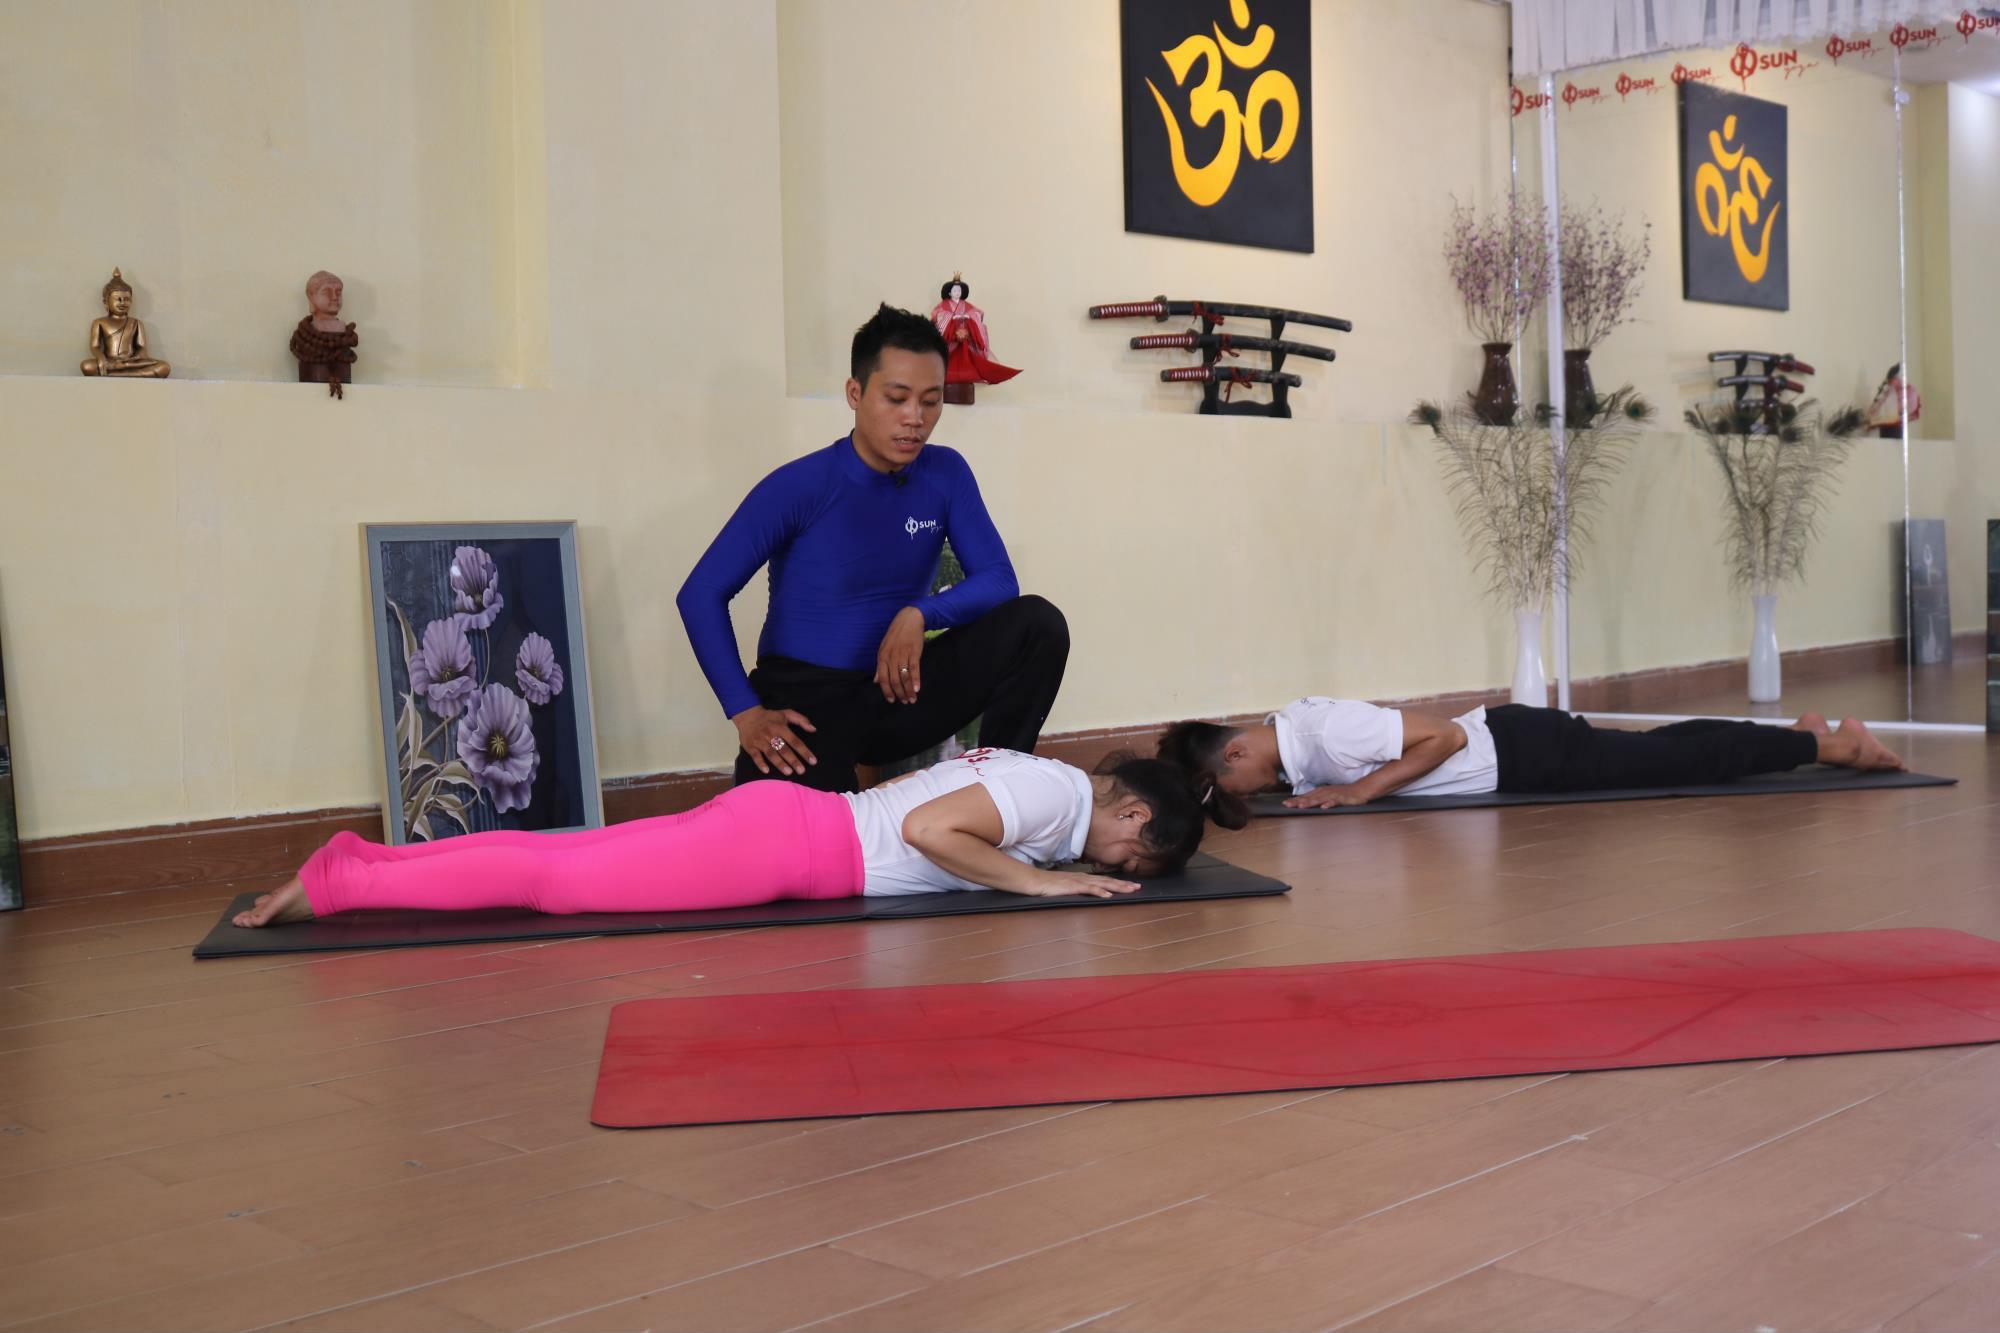 Vùng kín se khít tự nhiên như chưa từng sinh nở nhờ loạt bài tập yoga cực đơn giản này tại nhà - Ảnh 1